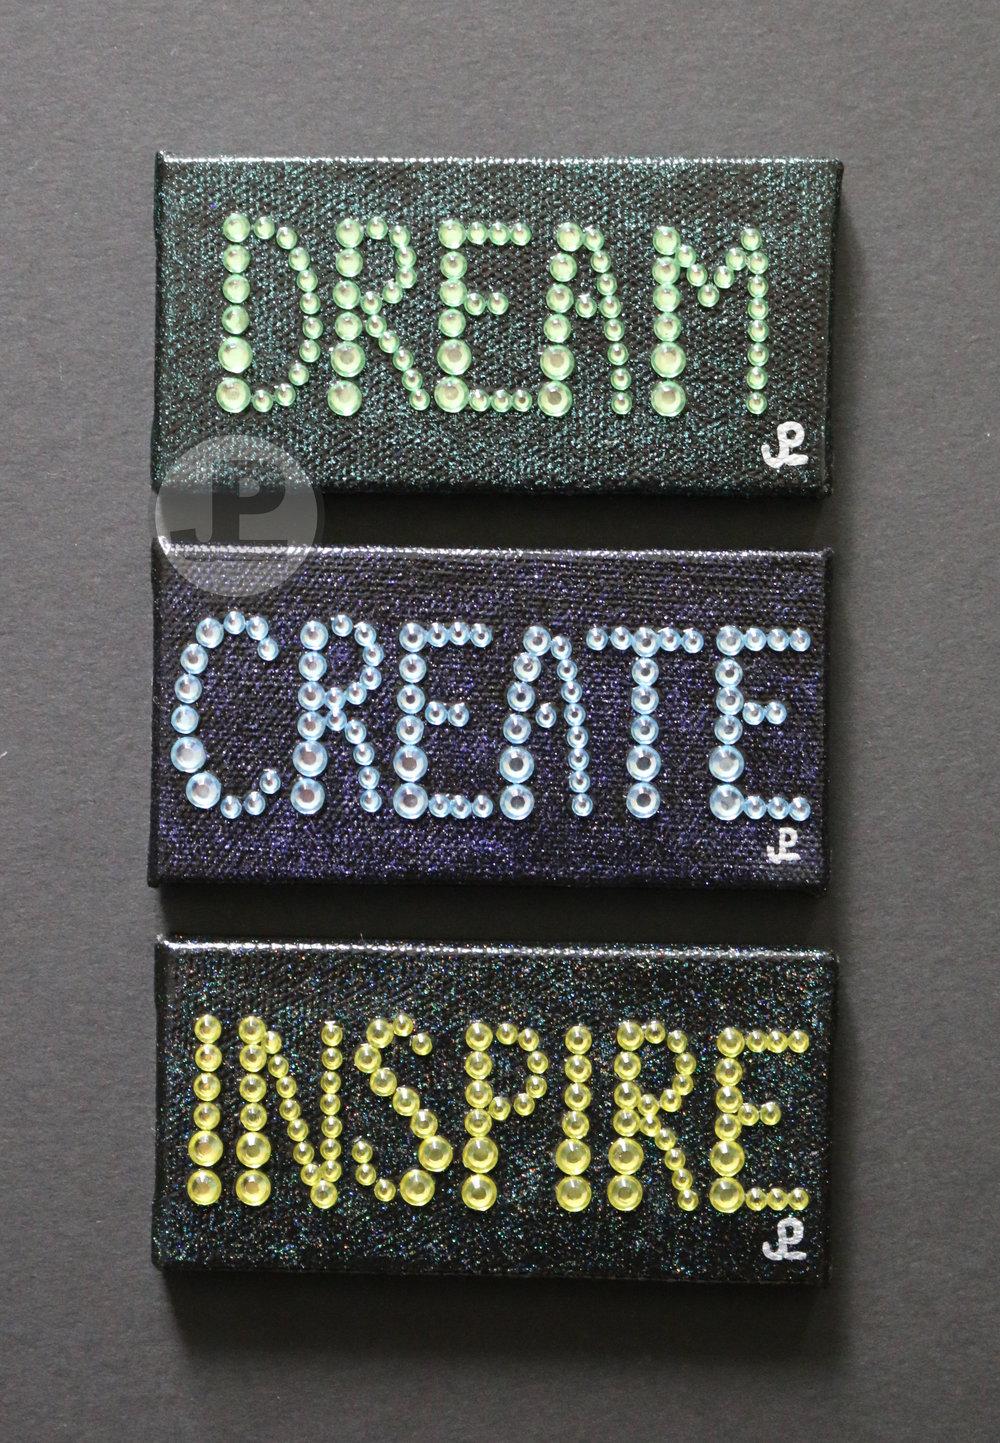 DreamCreateInspire_3.jpg